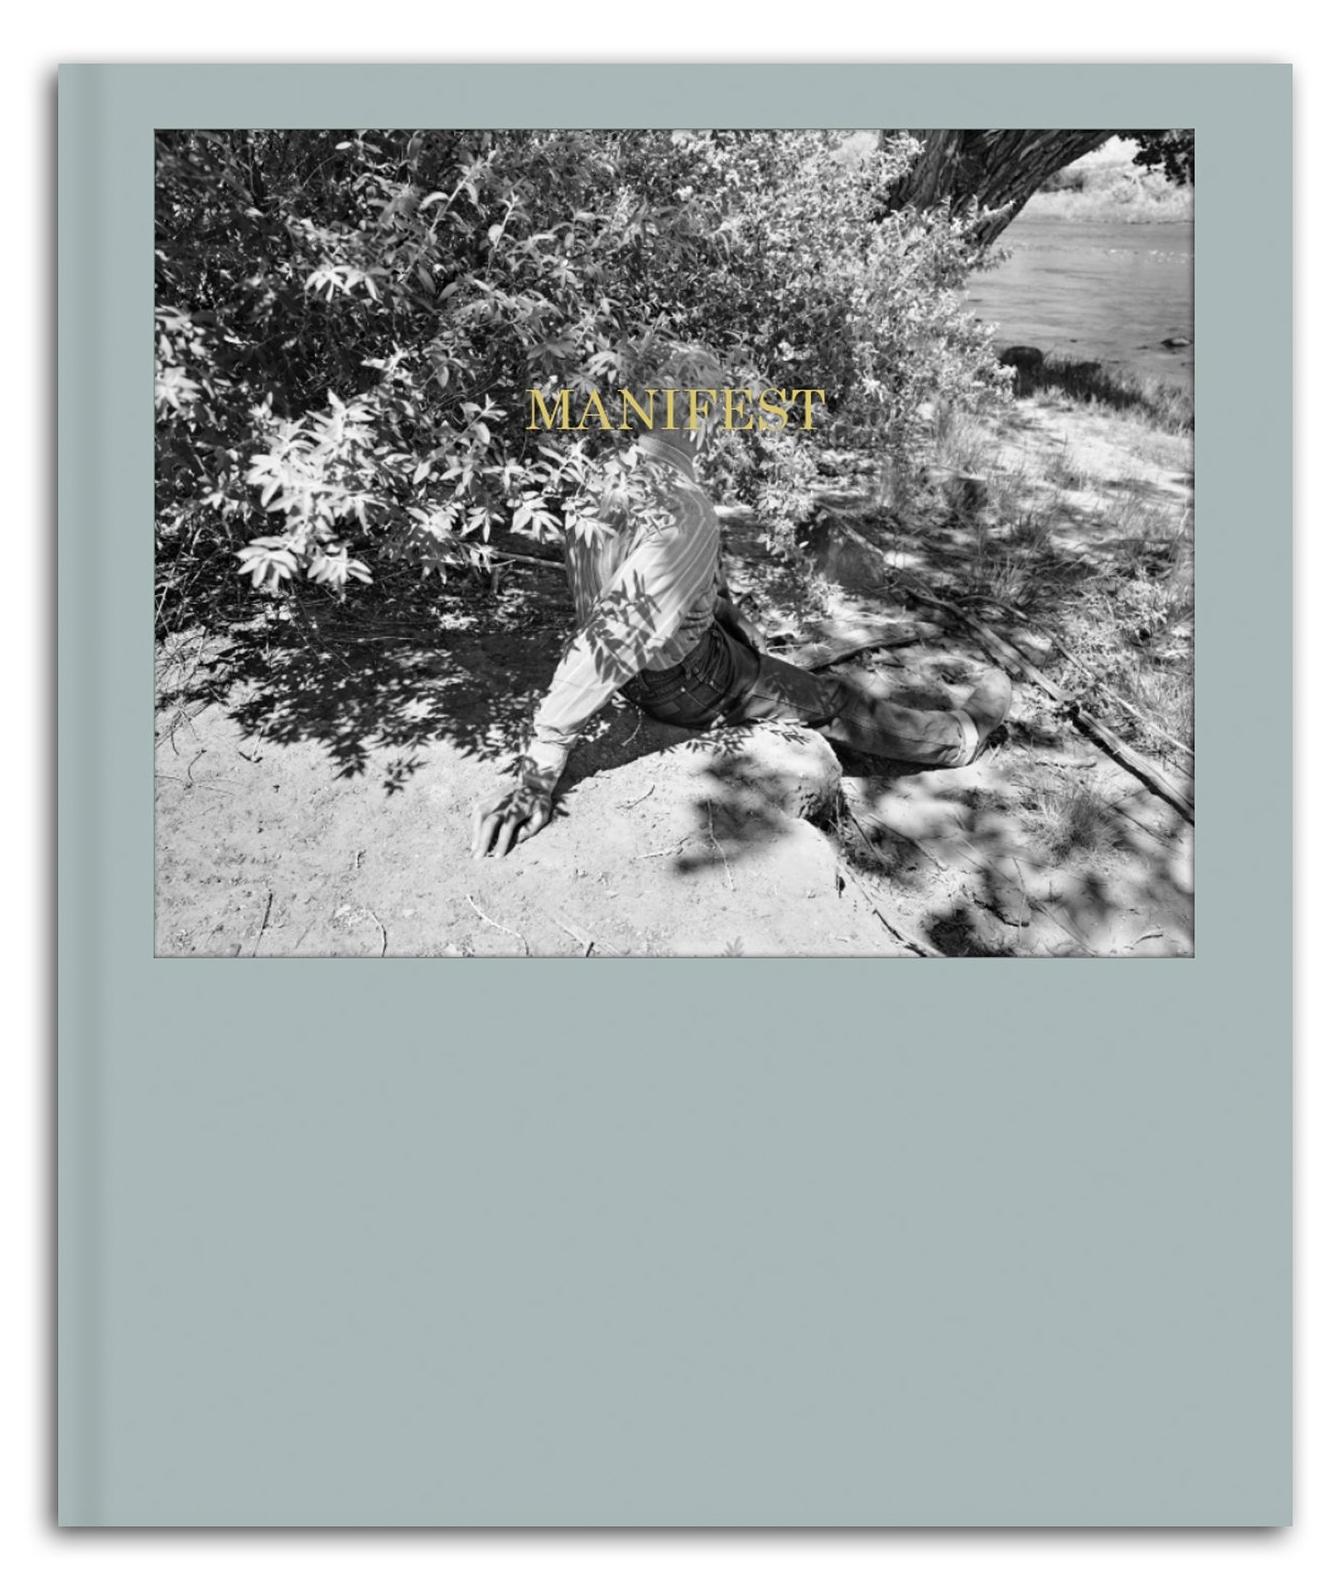 TBW-Books-Manifest-Kristine-Potter-Cover-Front-Mock_nb_9db0250e-c6f6-4b92-8701-1b12b68f15c1_2048x2048.jpg